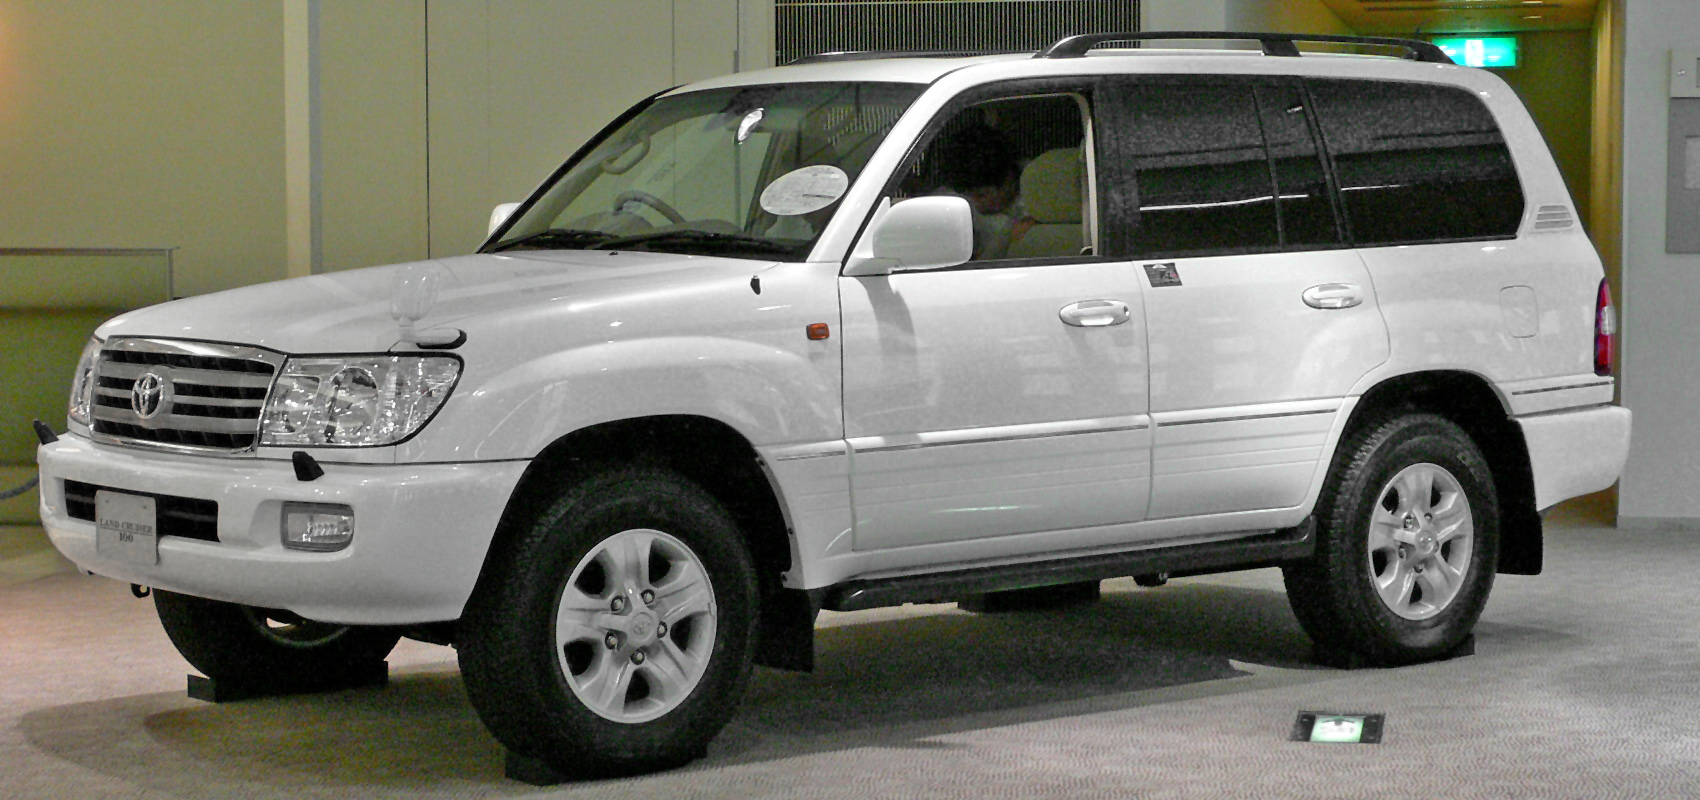 Toyota Land Cruiser - это... Что такое Toyota Land Cruiser?